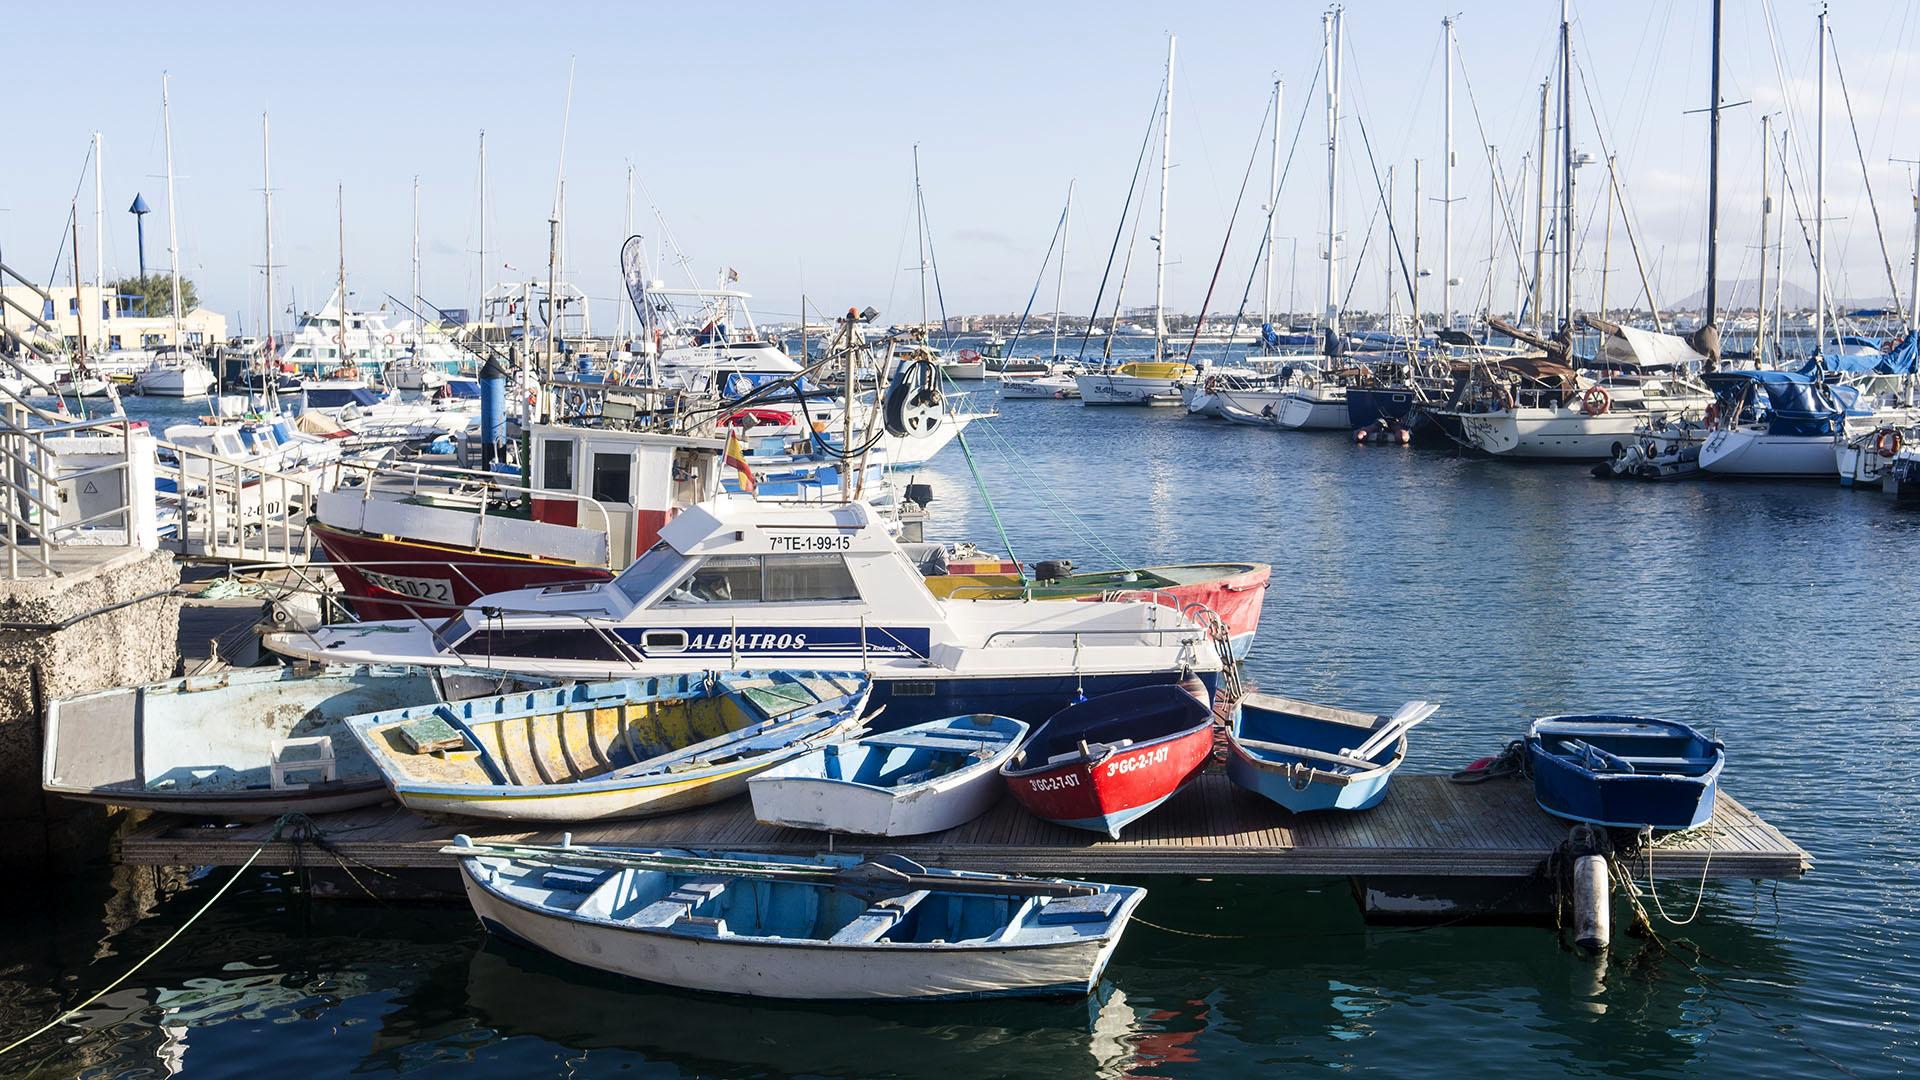 Der Ort Corralejo Fuertventura: Fährhafen